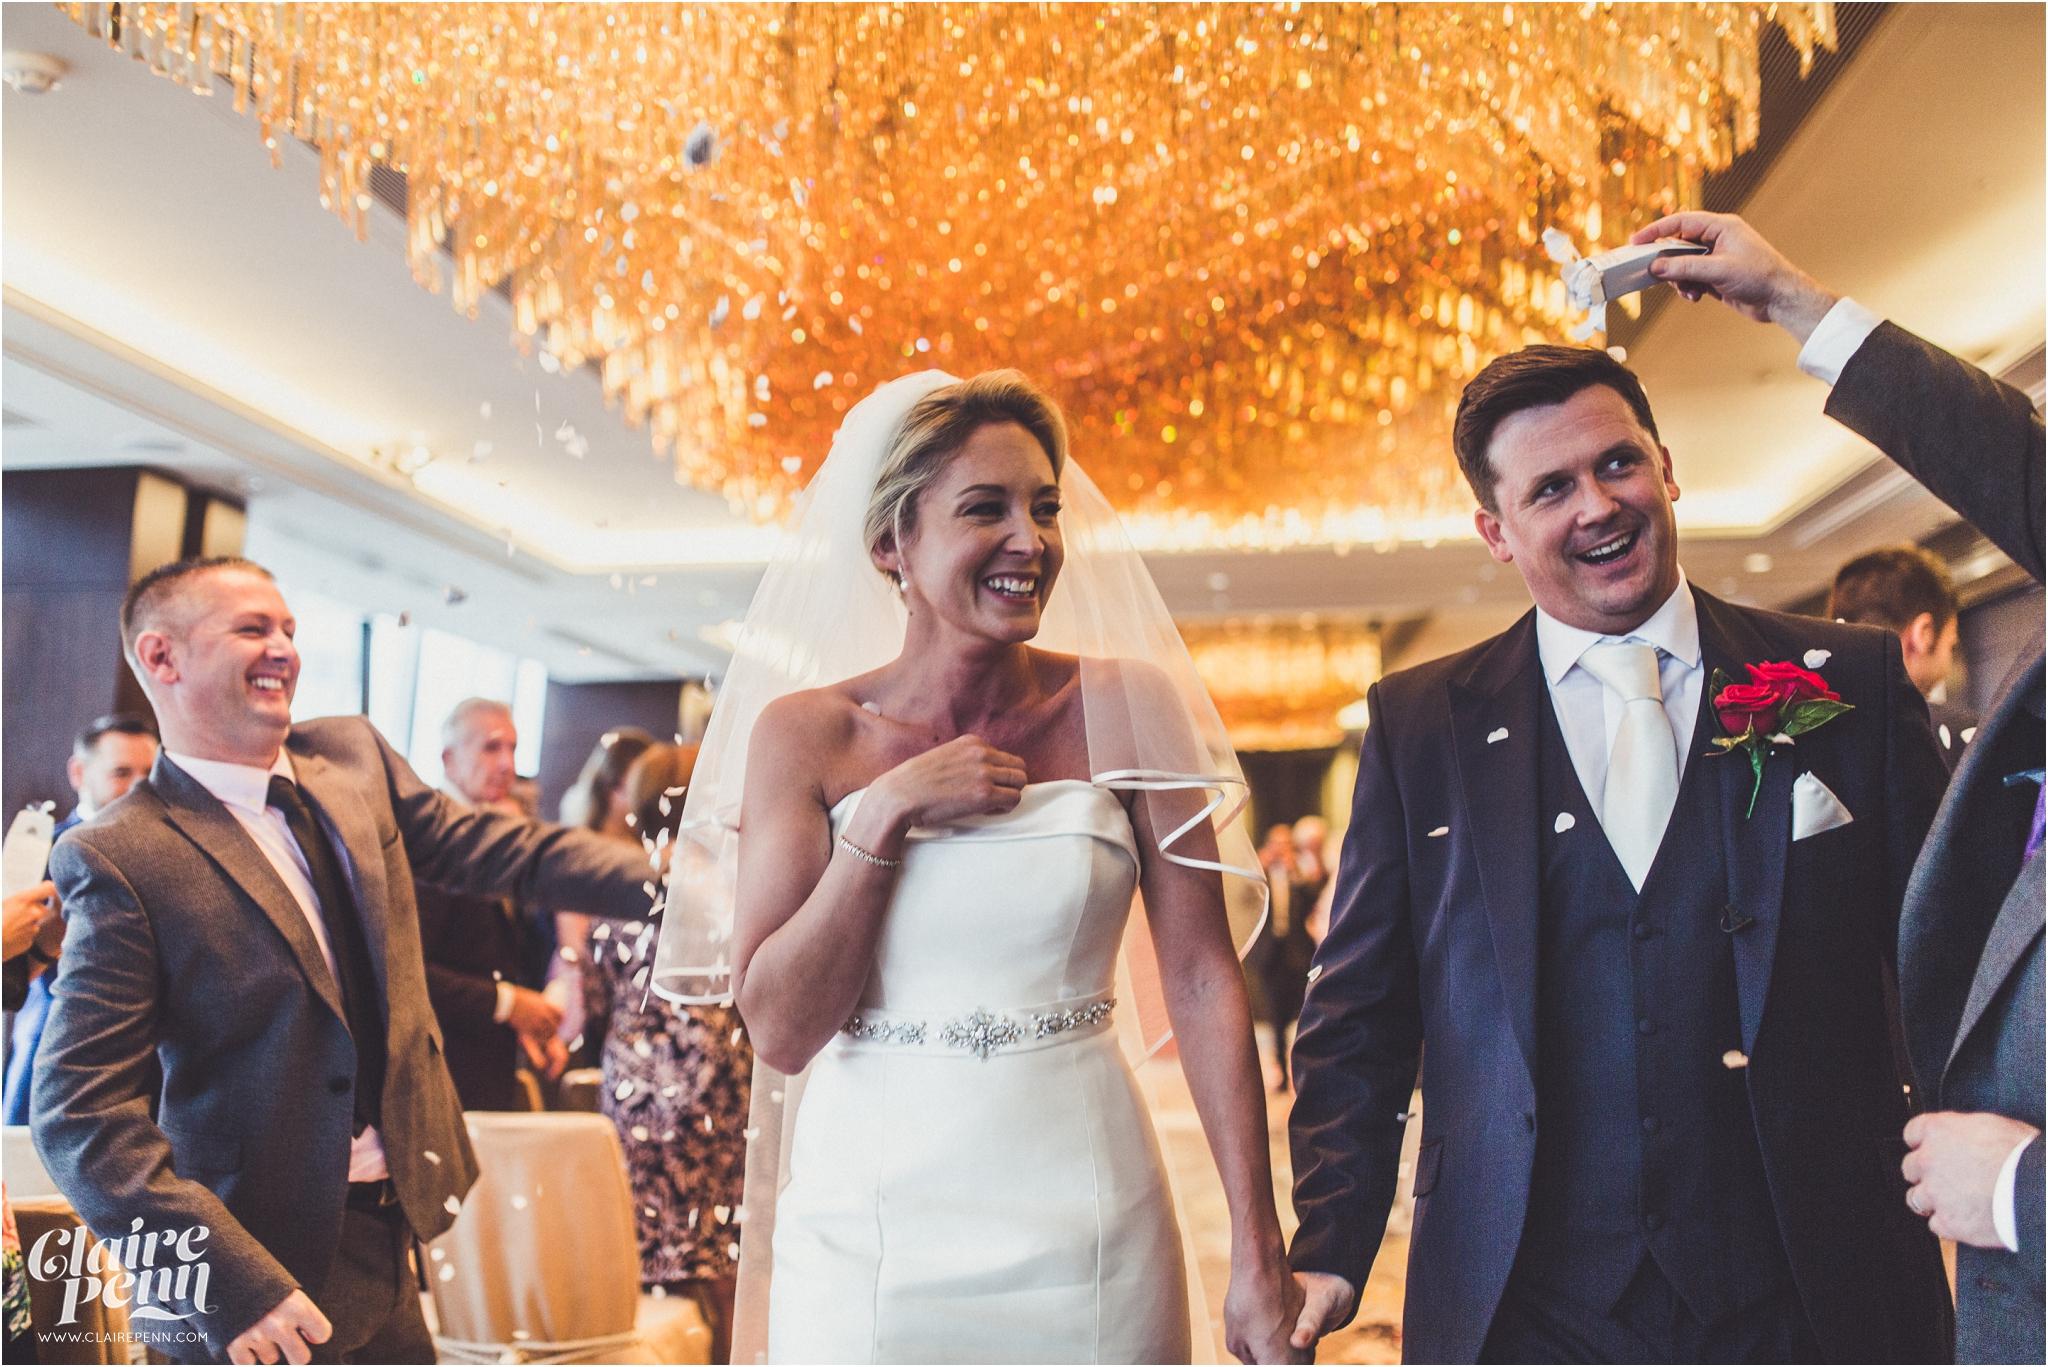 Stylish London wedding Shard Borough Market Southwark_0025.jpg